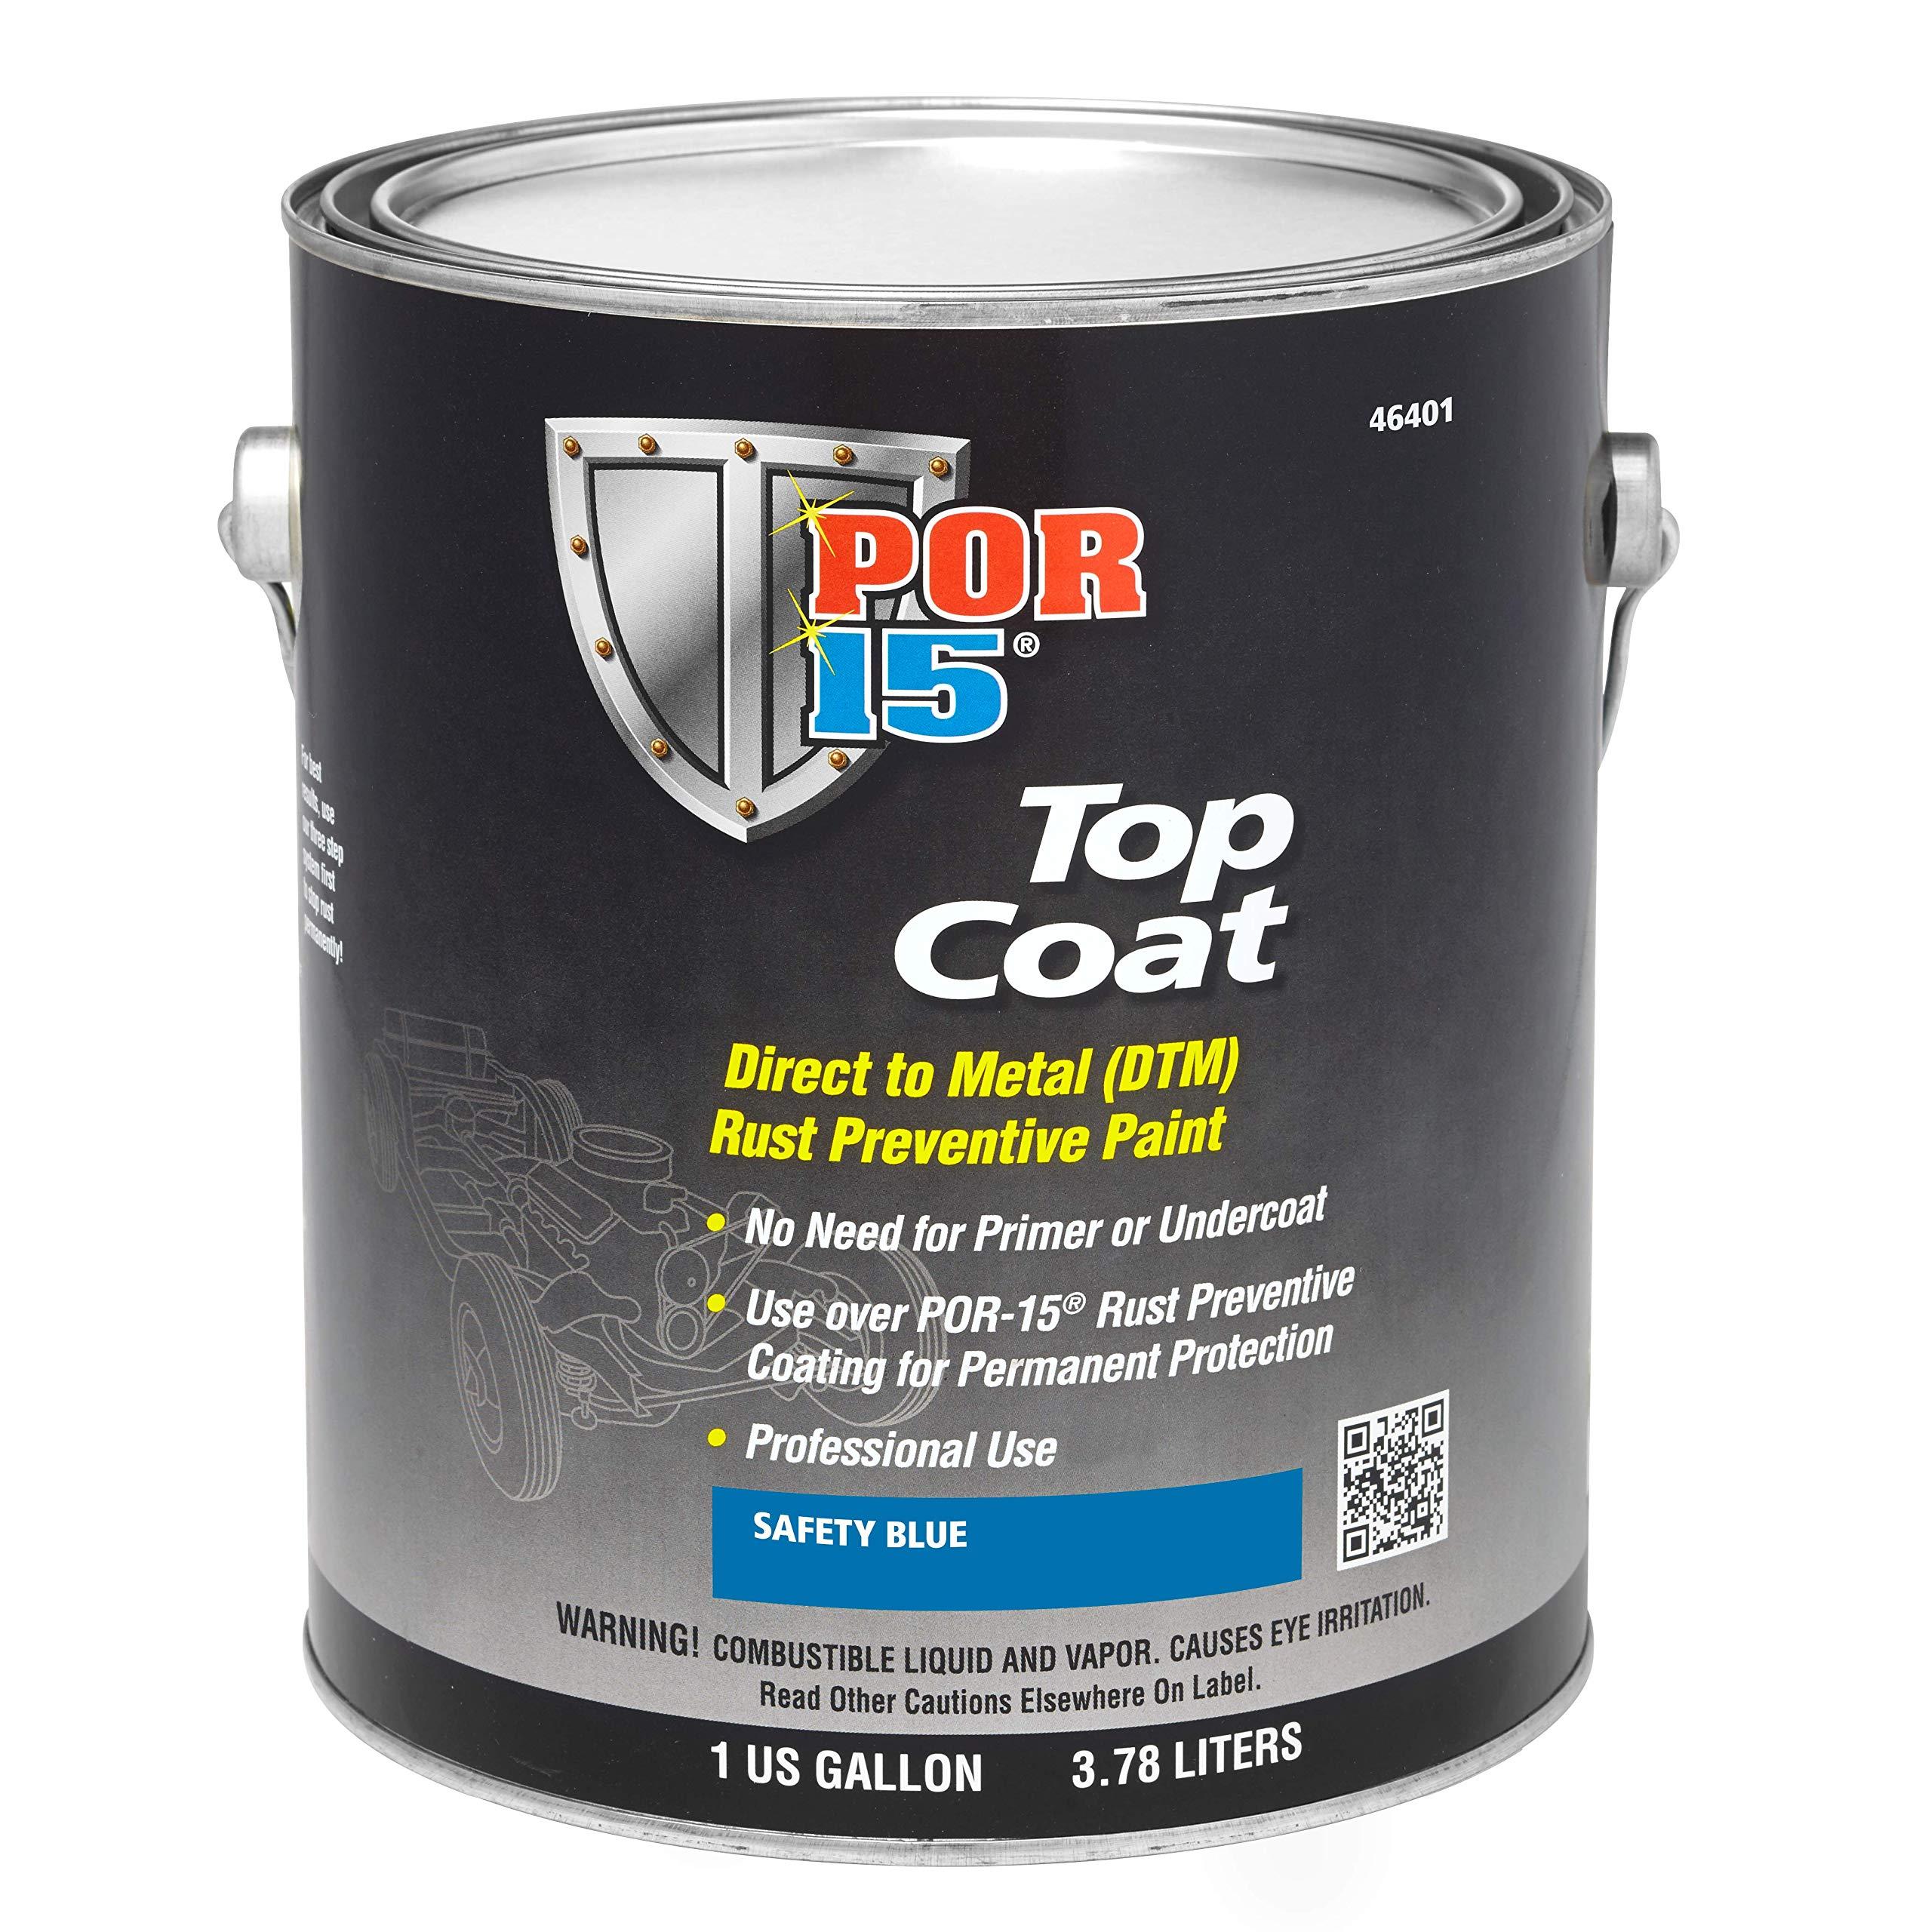 POR-15 46401 Top Coat Safety Blue Paint 128. Fluid_Ounces